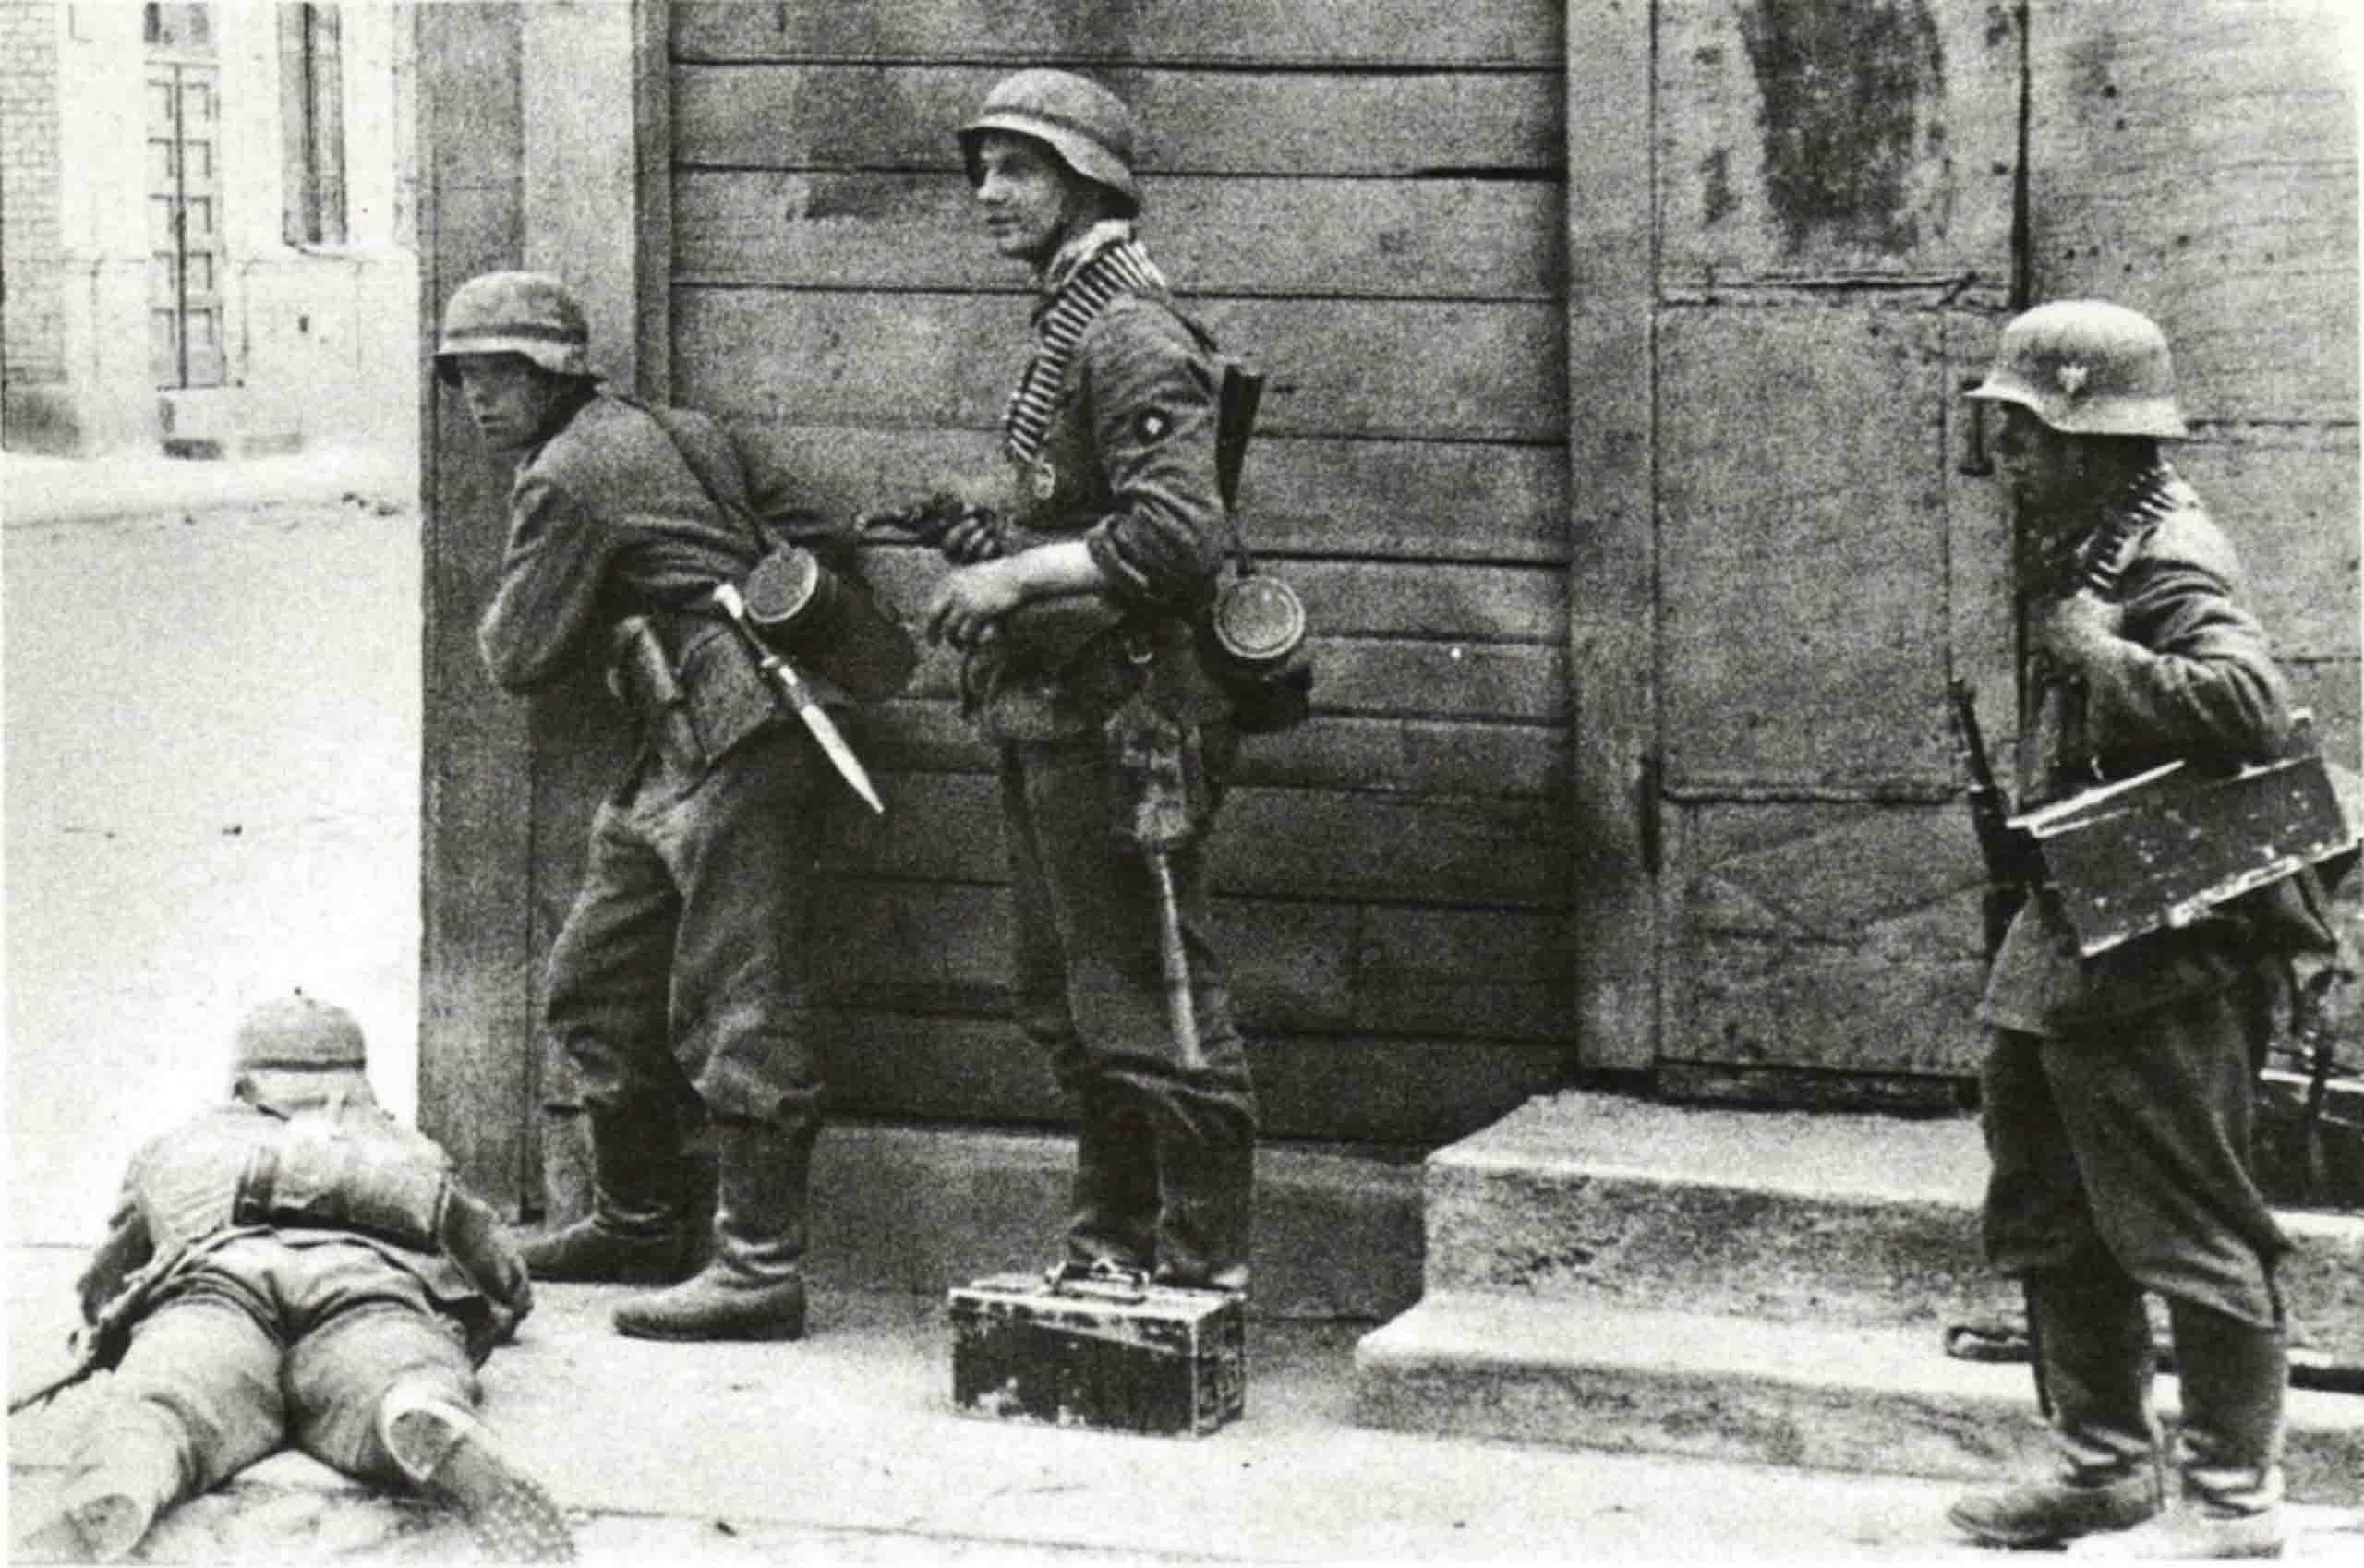 World War 2 - Wehrmacht